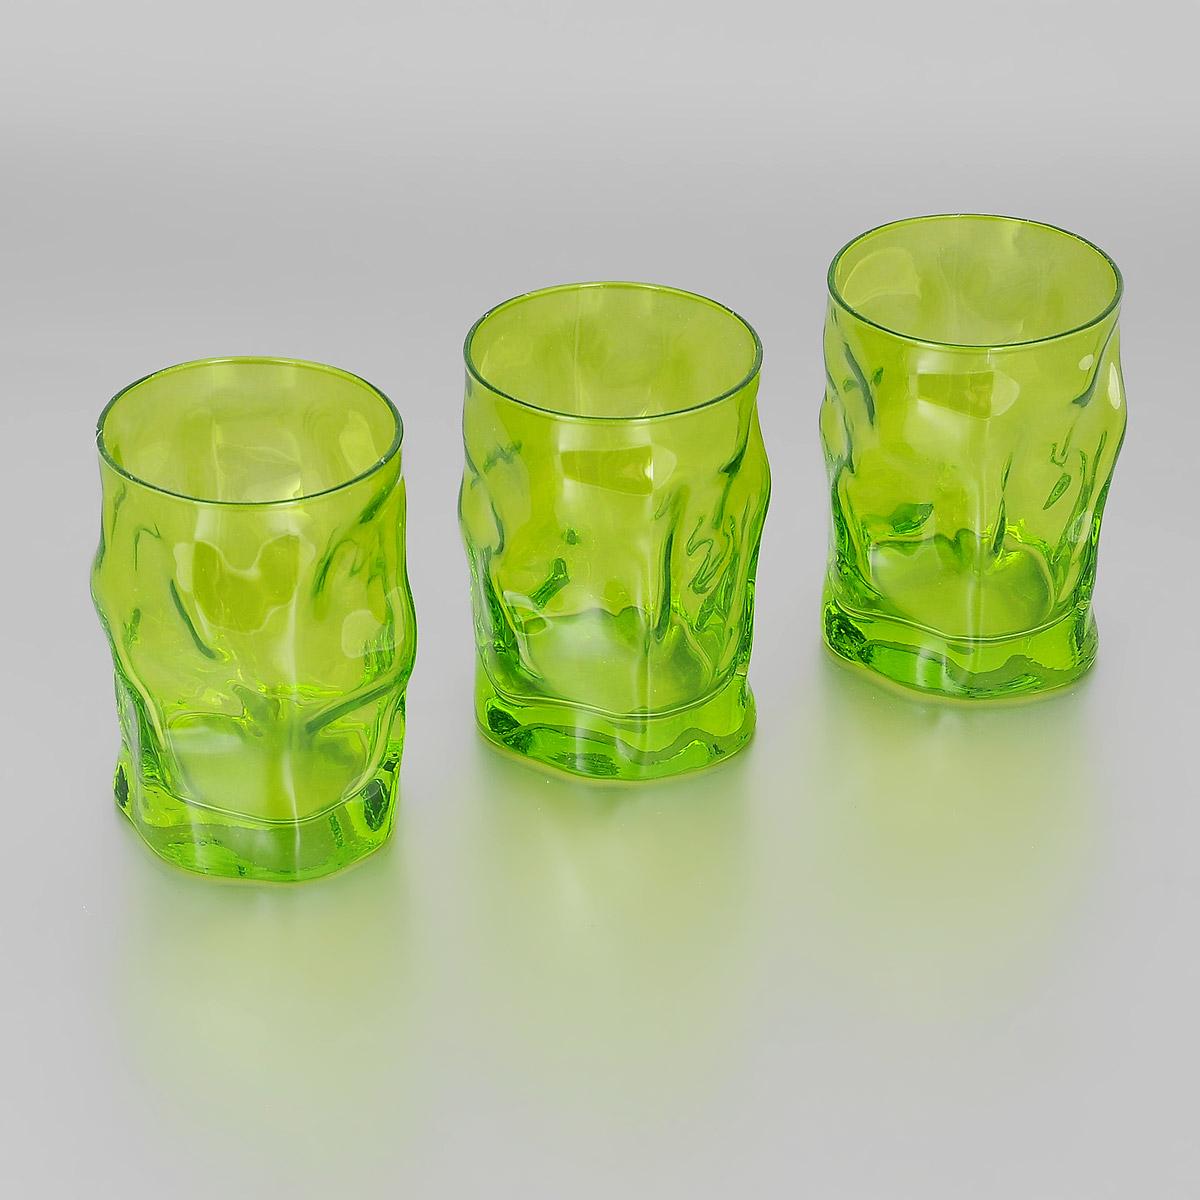 Набор стаканов Bormioli Rocco Sorgente Multicolor, цвет: зеленый, 300 мл, 3 шт340420Q04021591Набор Bormioli Rocco Sorgente Multicolor, выполненный из стекла, состоит из 3 низких стаканов. Стаканы предназначены для подачи холодных напитков. Изделия имеют оригинальный дизайн и толстое дно. Благодаря такому набору пить напитки будет еще вкуснее. Стаканы Bormioli Rocco Sorgente Multicolor станут идеальным украшением праздничного стола и отличным подарком к любому празднику. С 1825 года компания Bormioli Rocco производит высококачественную посуду из стекла. На сегодняшний день это мировой лидер на рынке производства стеклянных изделий. Ассортимент, предлагаемый Bormioli Rocco необычайно широк - это бокалы, фужеры, рюмки, графины, кувшины, банки для сыпучих продуктов и консервирования, тарелки, салатники, чашки, контейнеры различных емкостей, предназначенные для хранения продуктов в холодильниках и морозильных камерах и т.д. Стекло сочетает в себе передовые технологии и традиционно высокое качество.